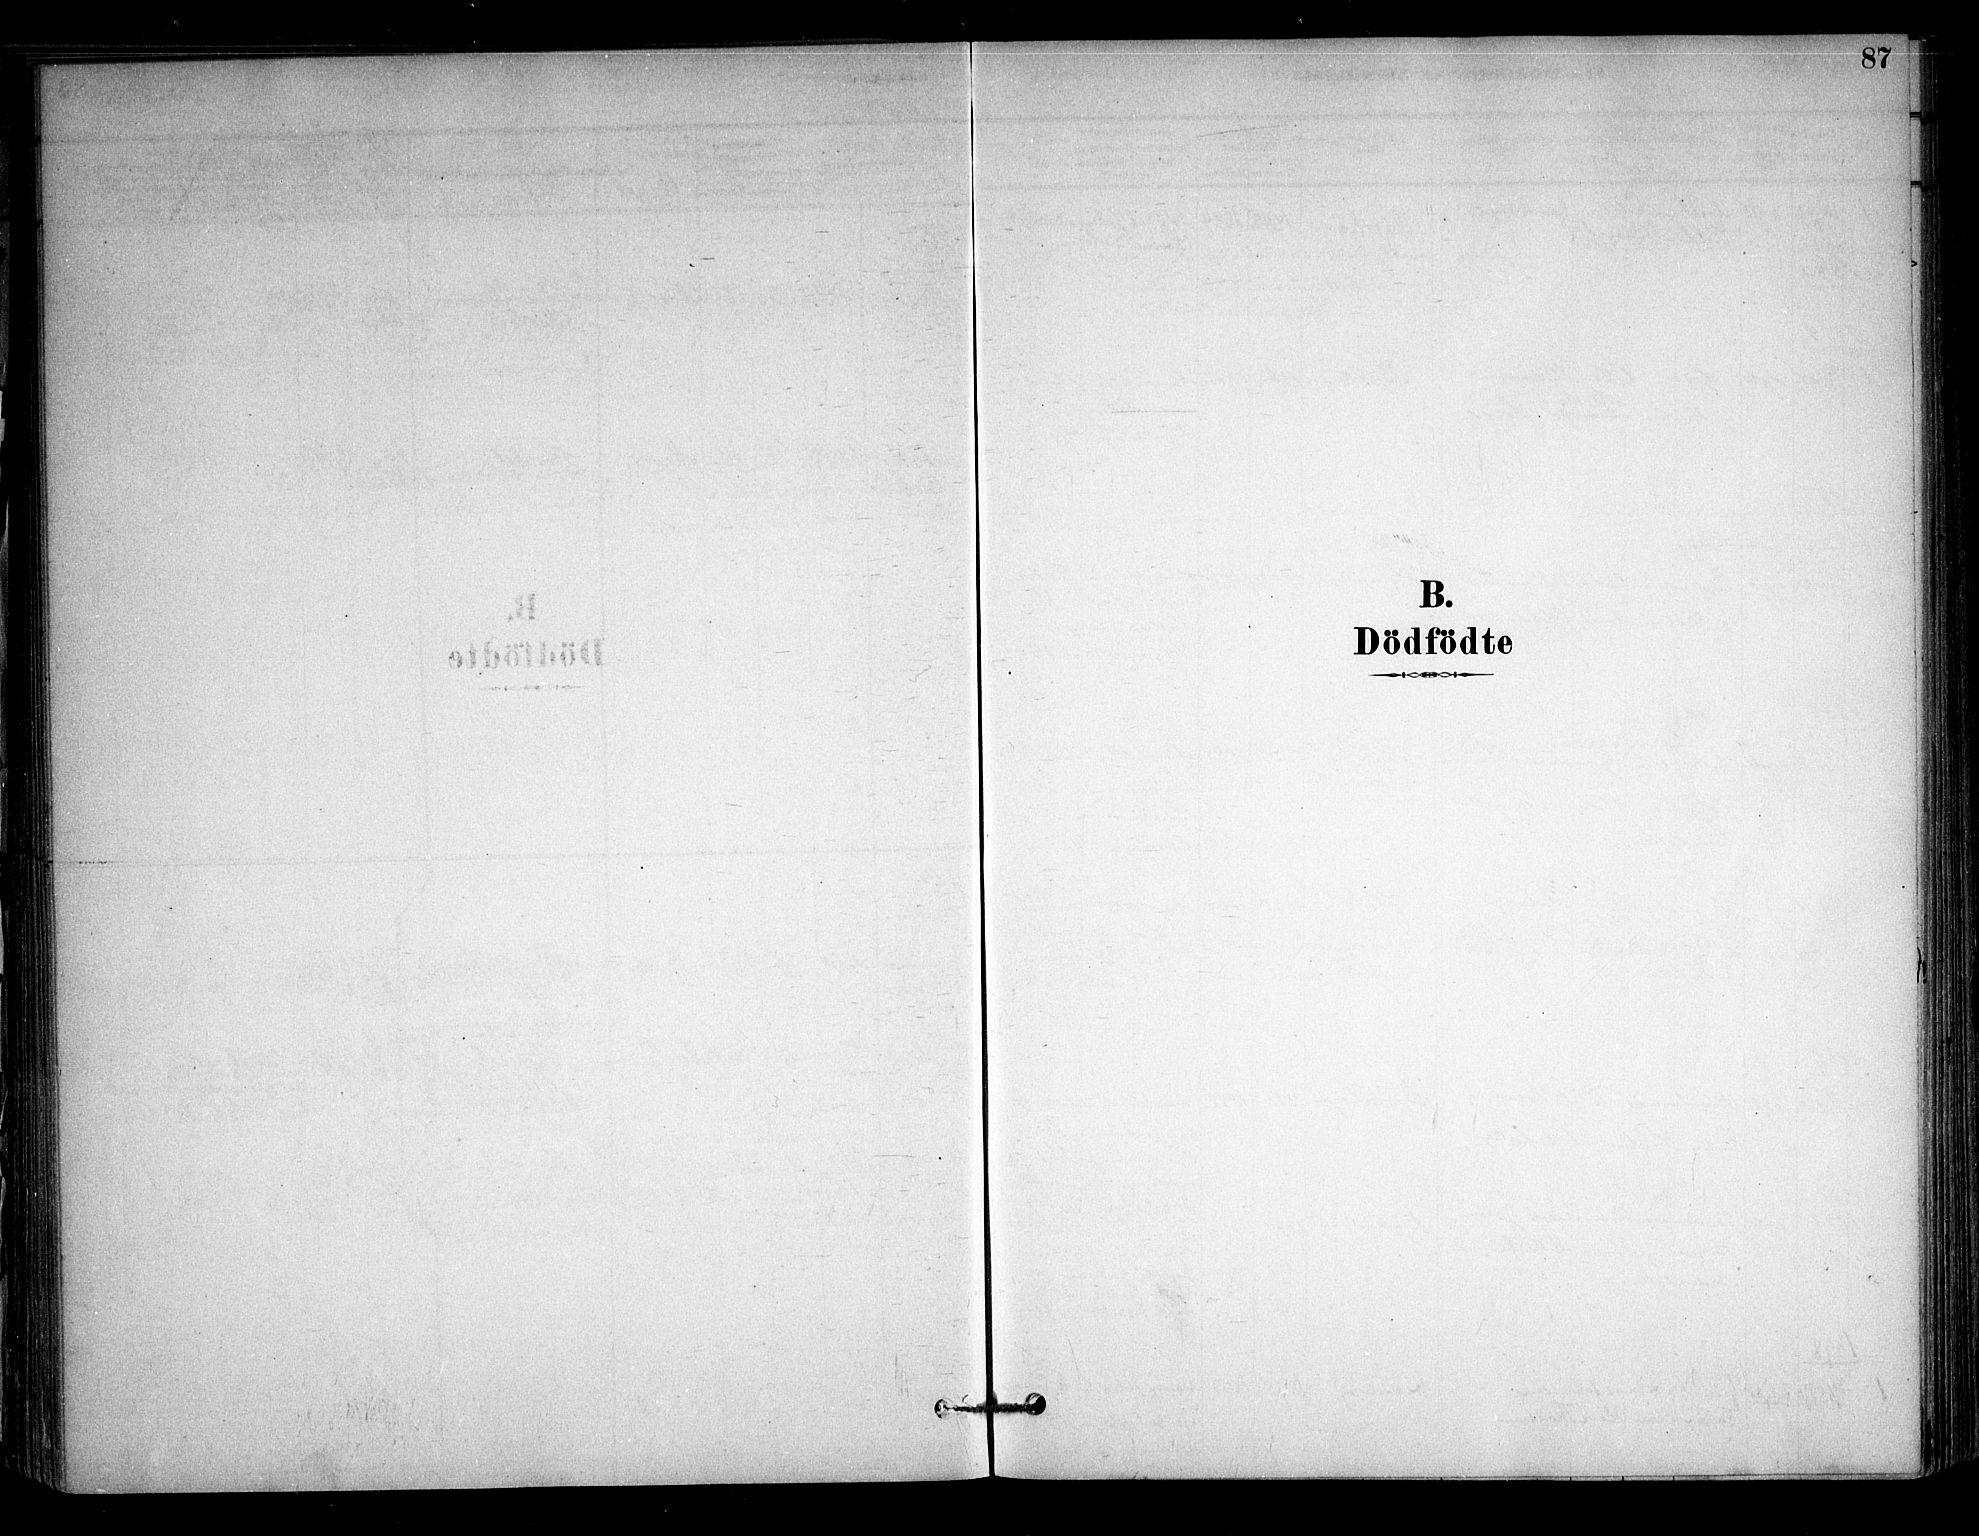 SAO, Sørum prestekontor Kirkebøker, F/Fb/L0001: Ministerialbok nr. II 1, 1878-1915, s. 87